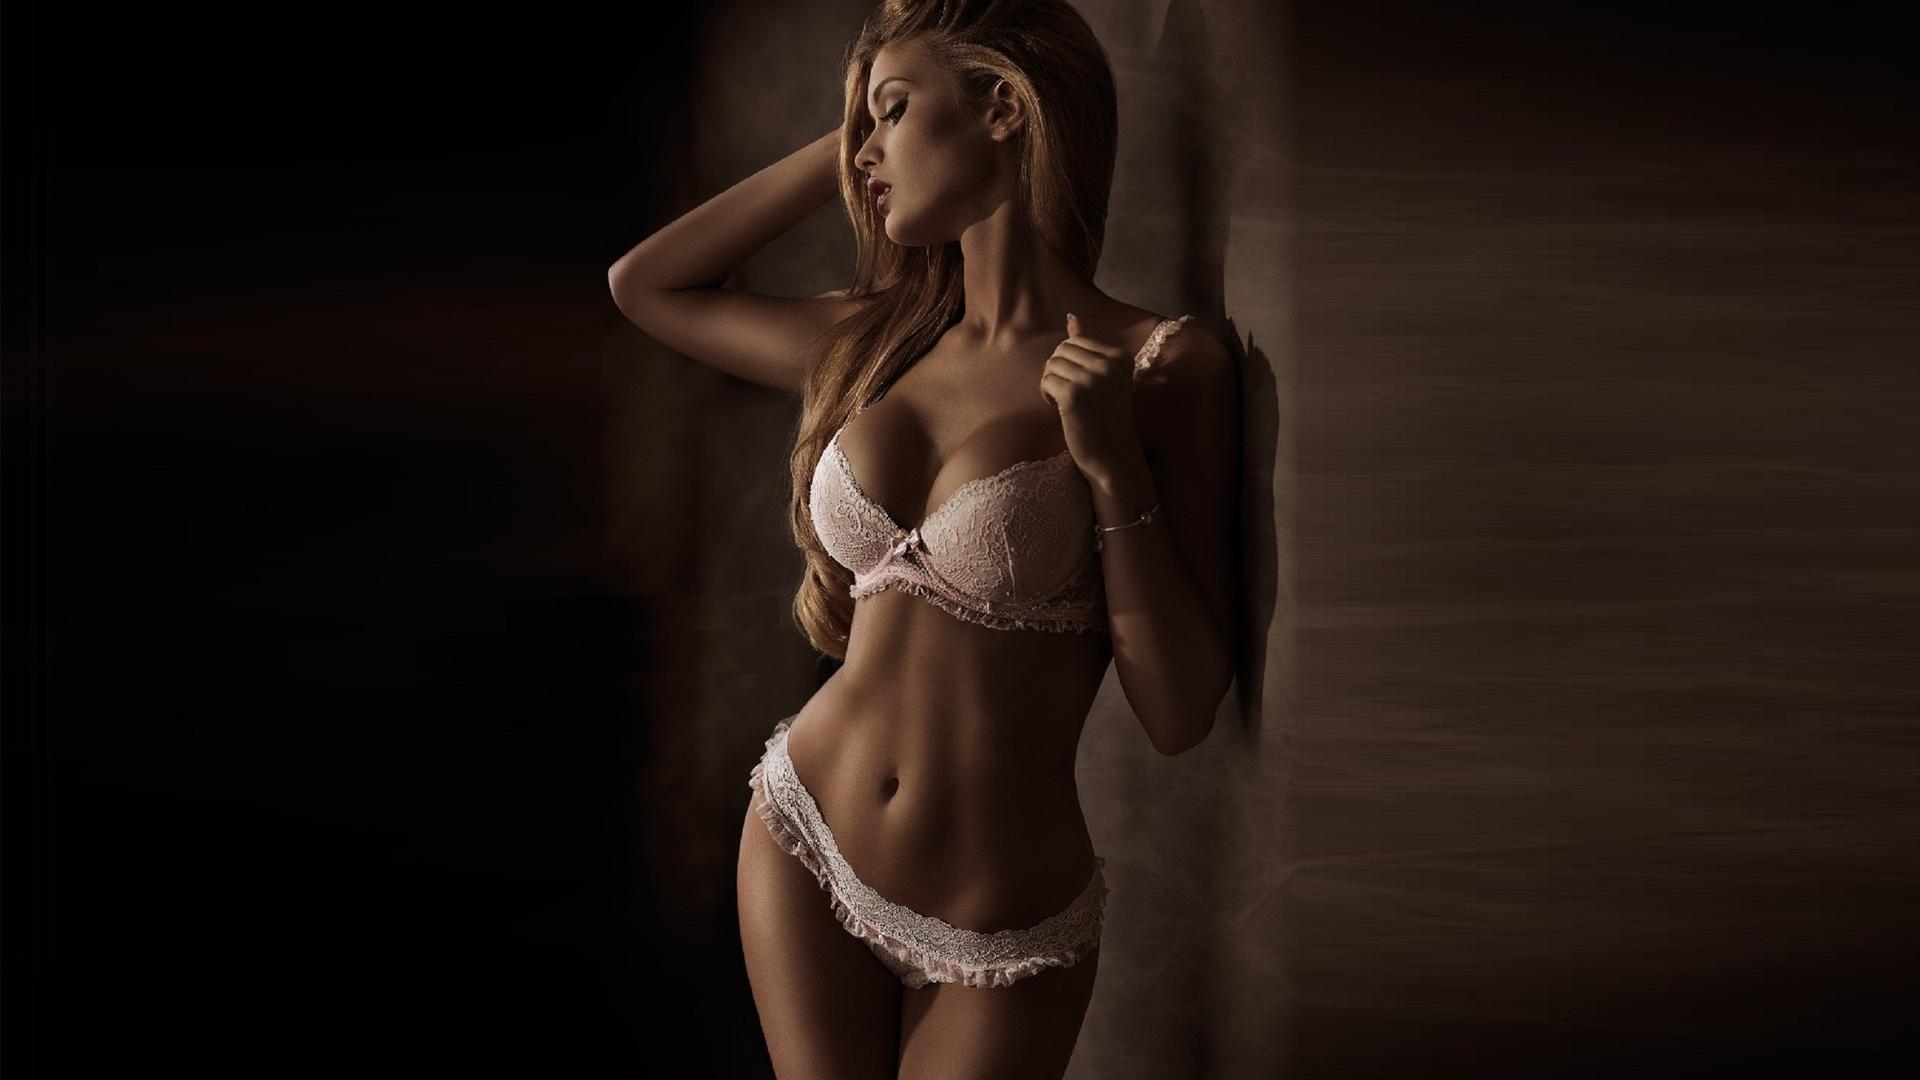 порку практикуют шикарная девушка с шикарным телом как встано